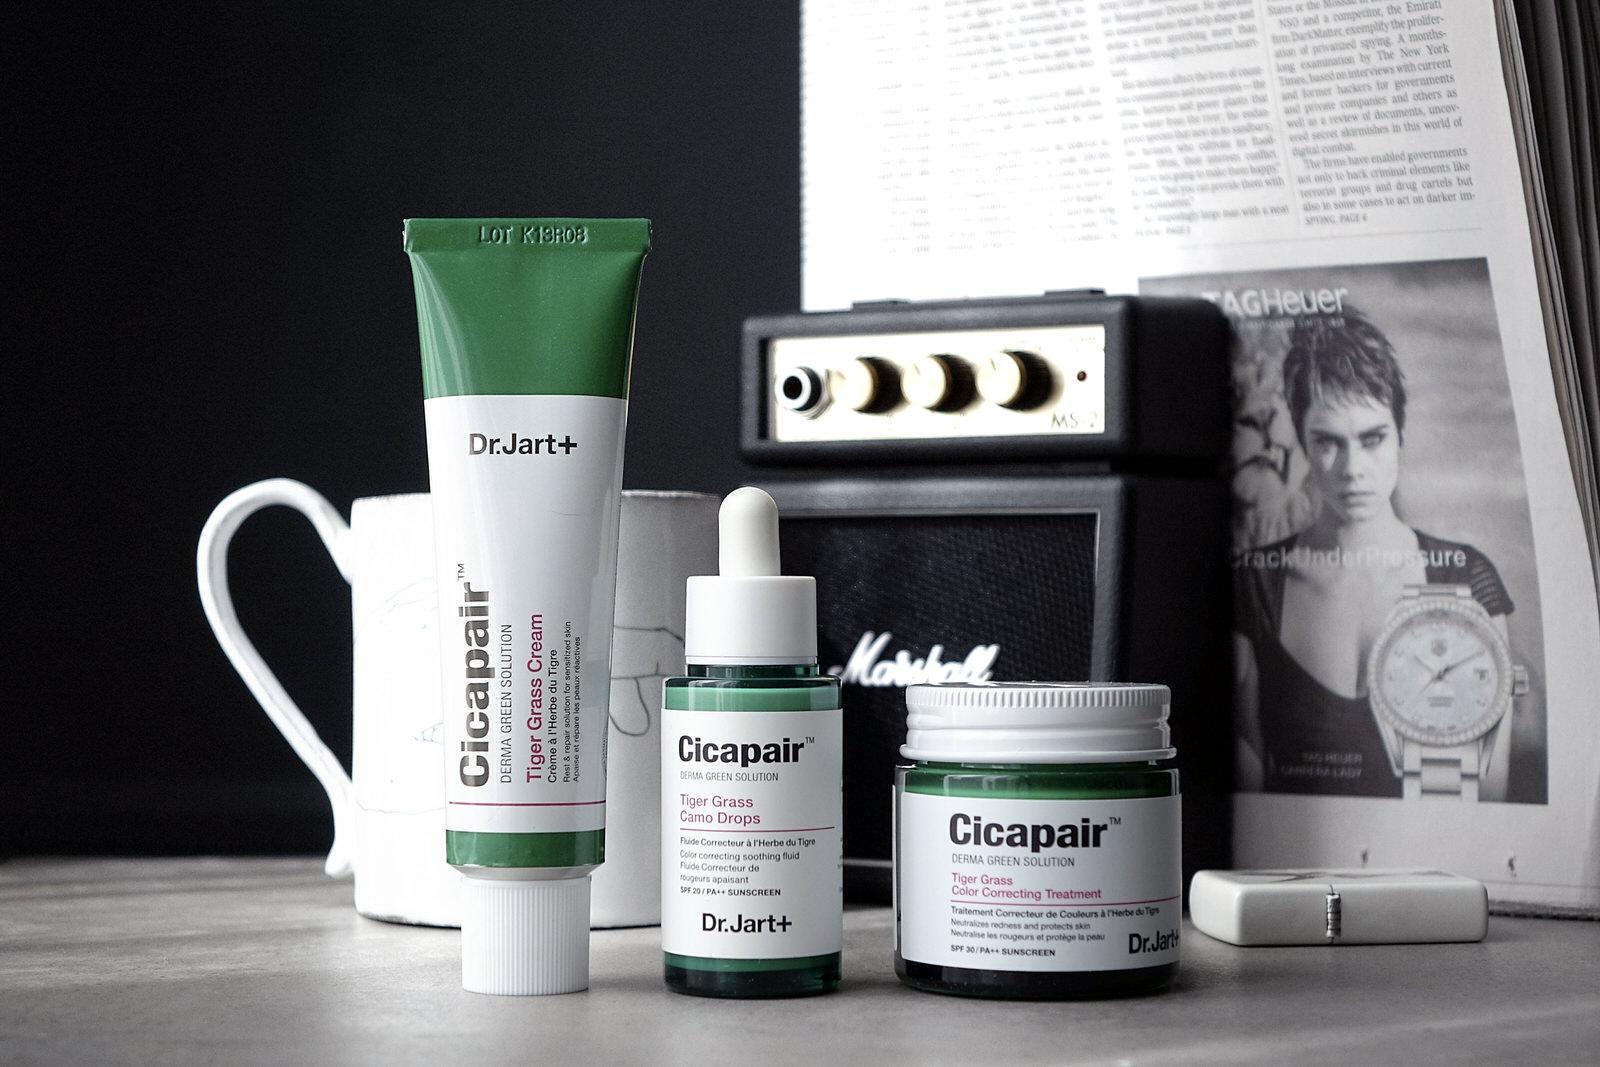 La gamme Cicapair du Dr Jart +